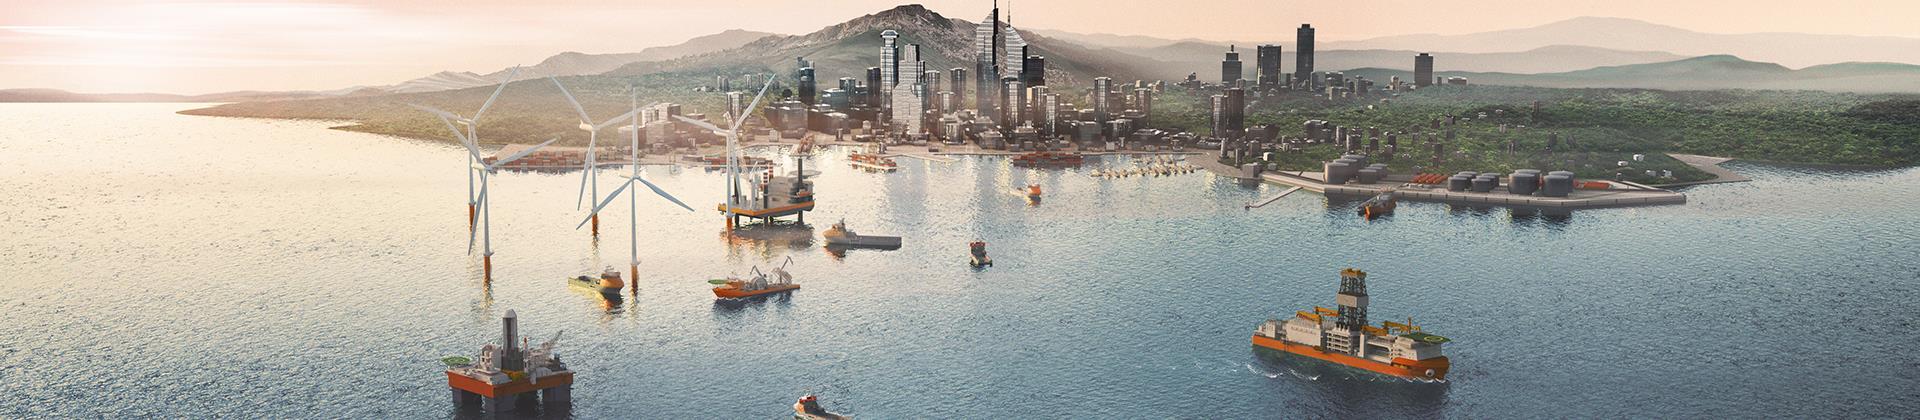 FLIPwartsila_offshore_drilling_comp_wind_turbine_modifications_1920x420